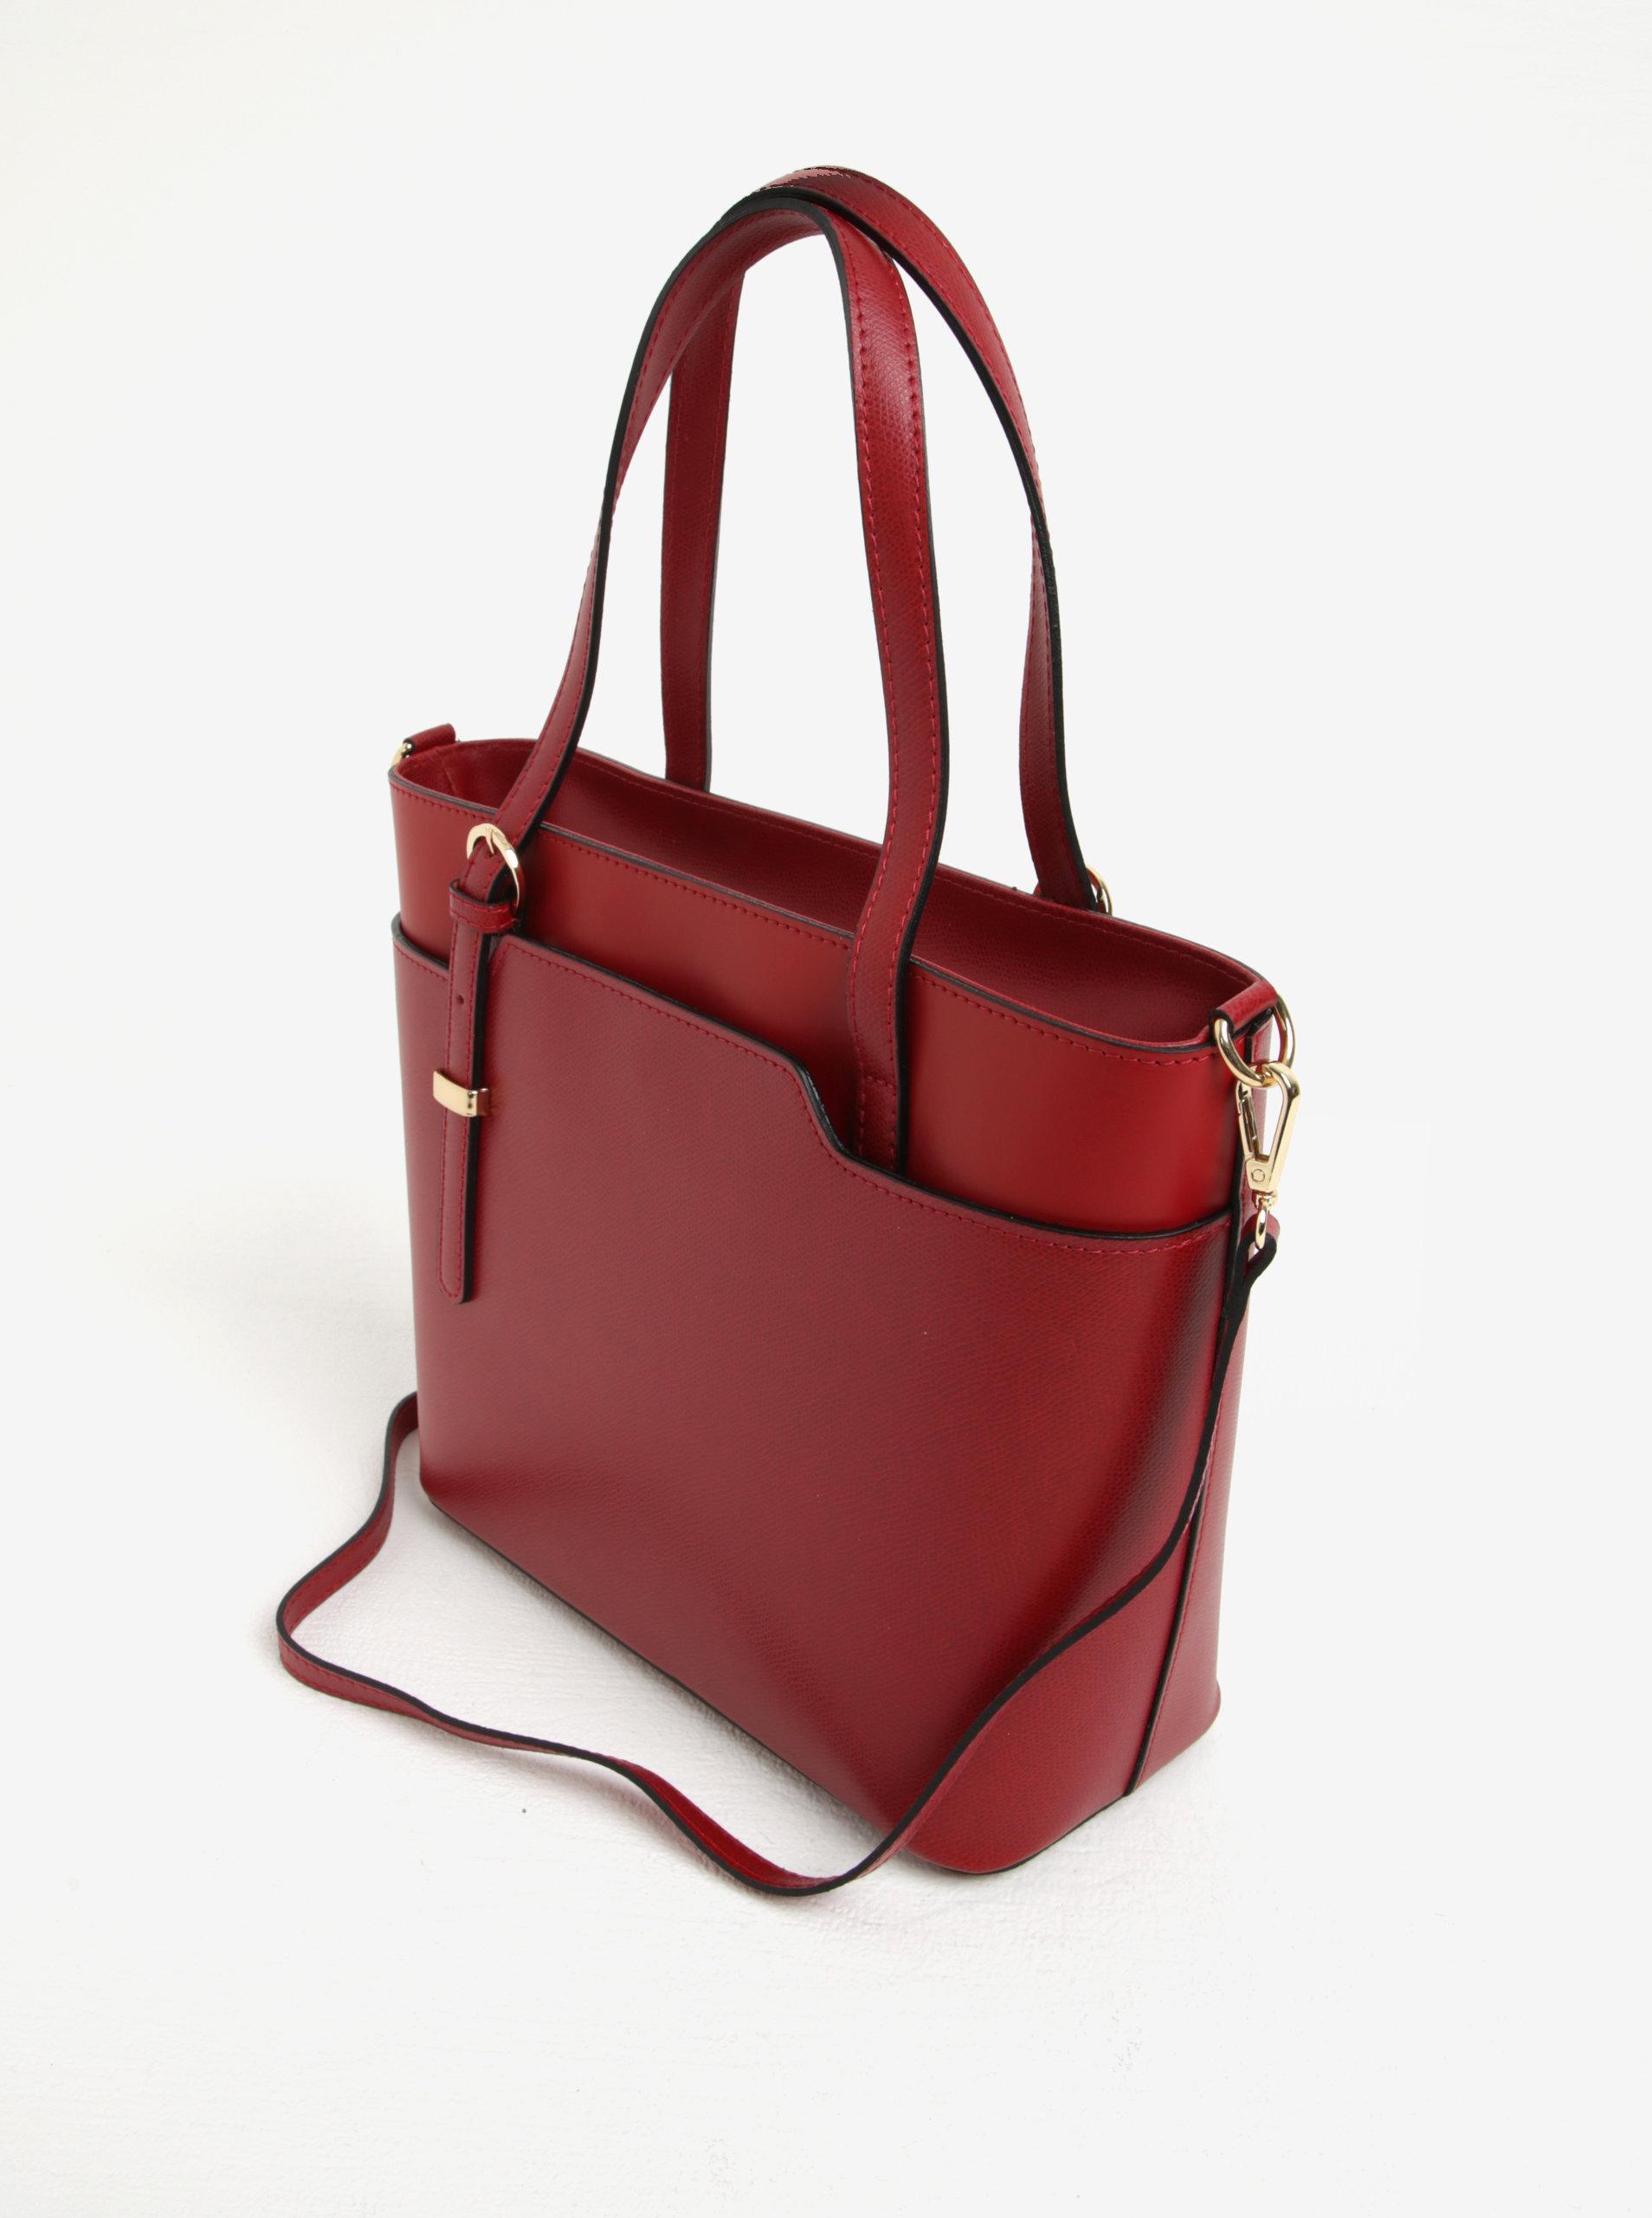 75a1cd2e73 Červená dámská kožená kabelka do ruky crossbody kabelka s hadím vzorem KARA  ...